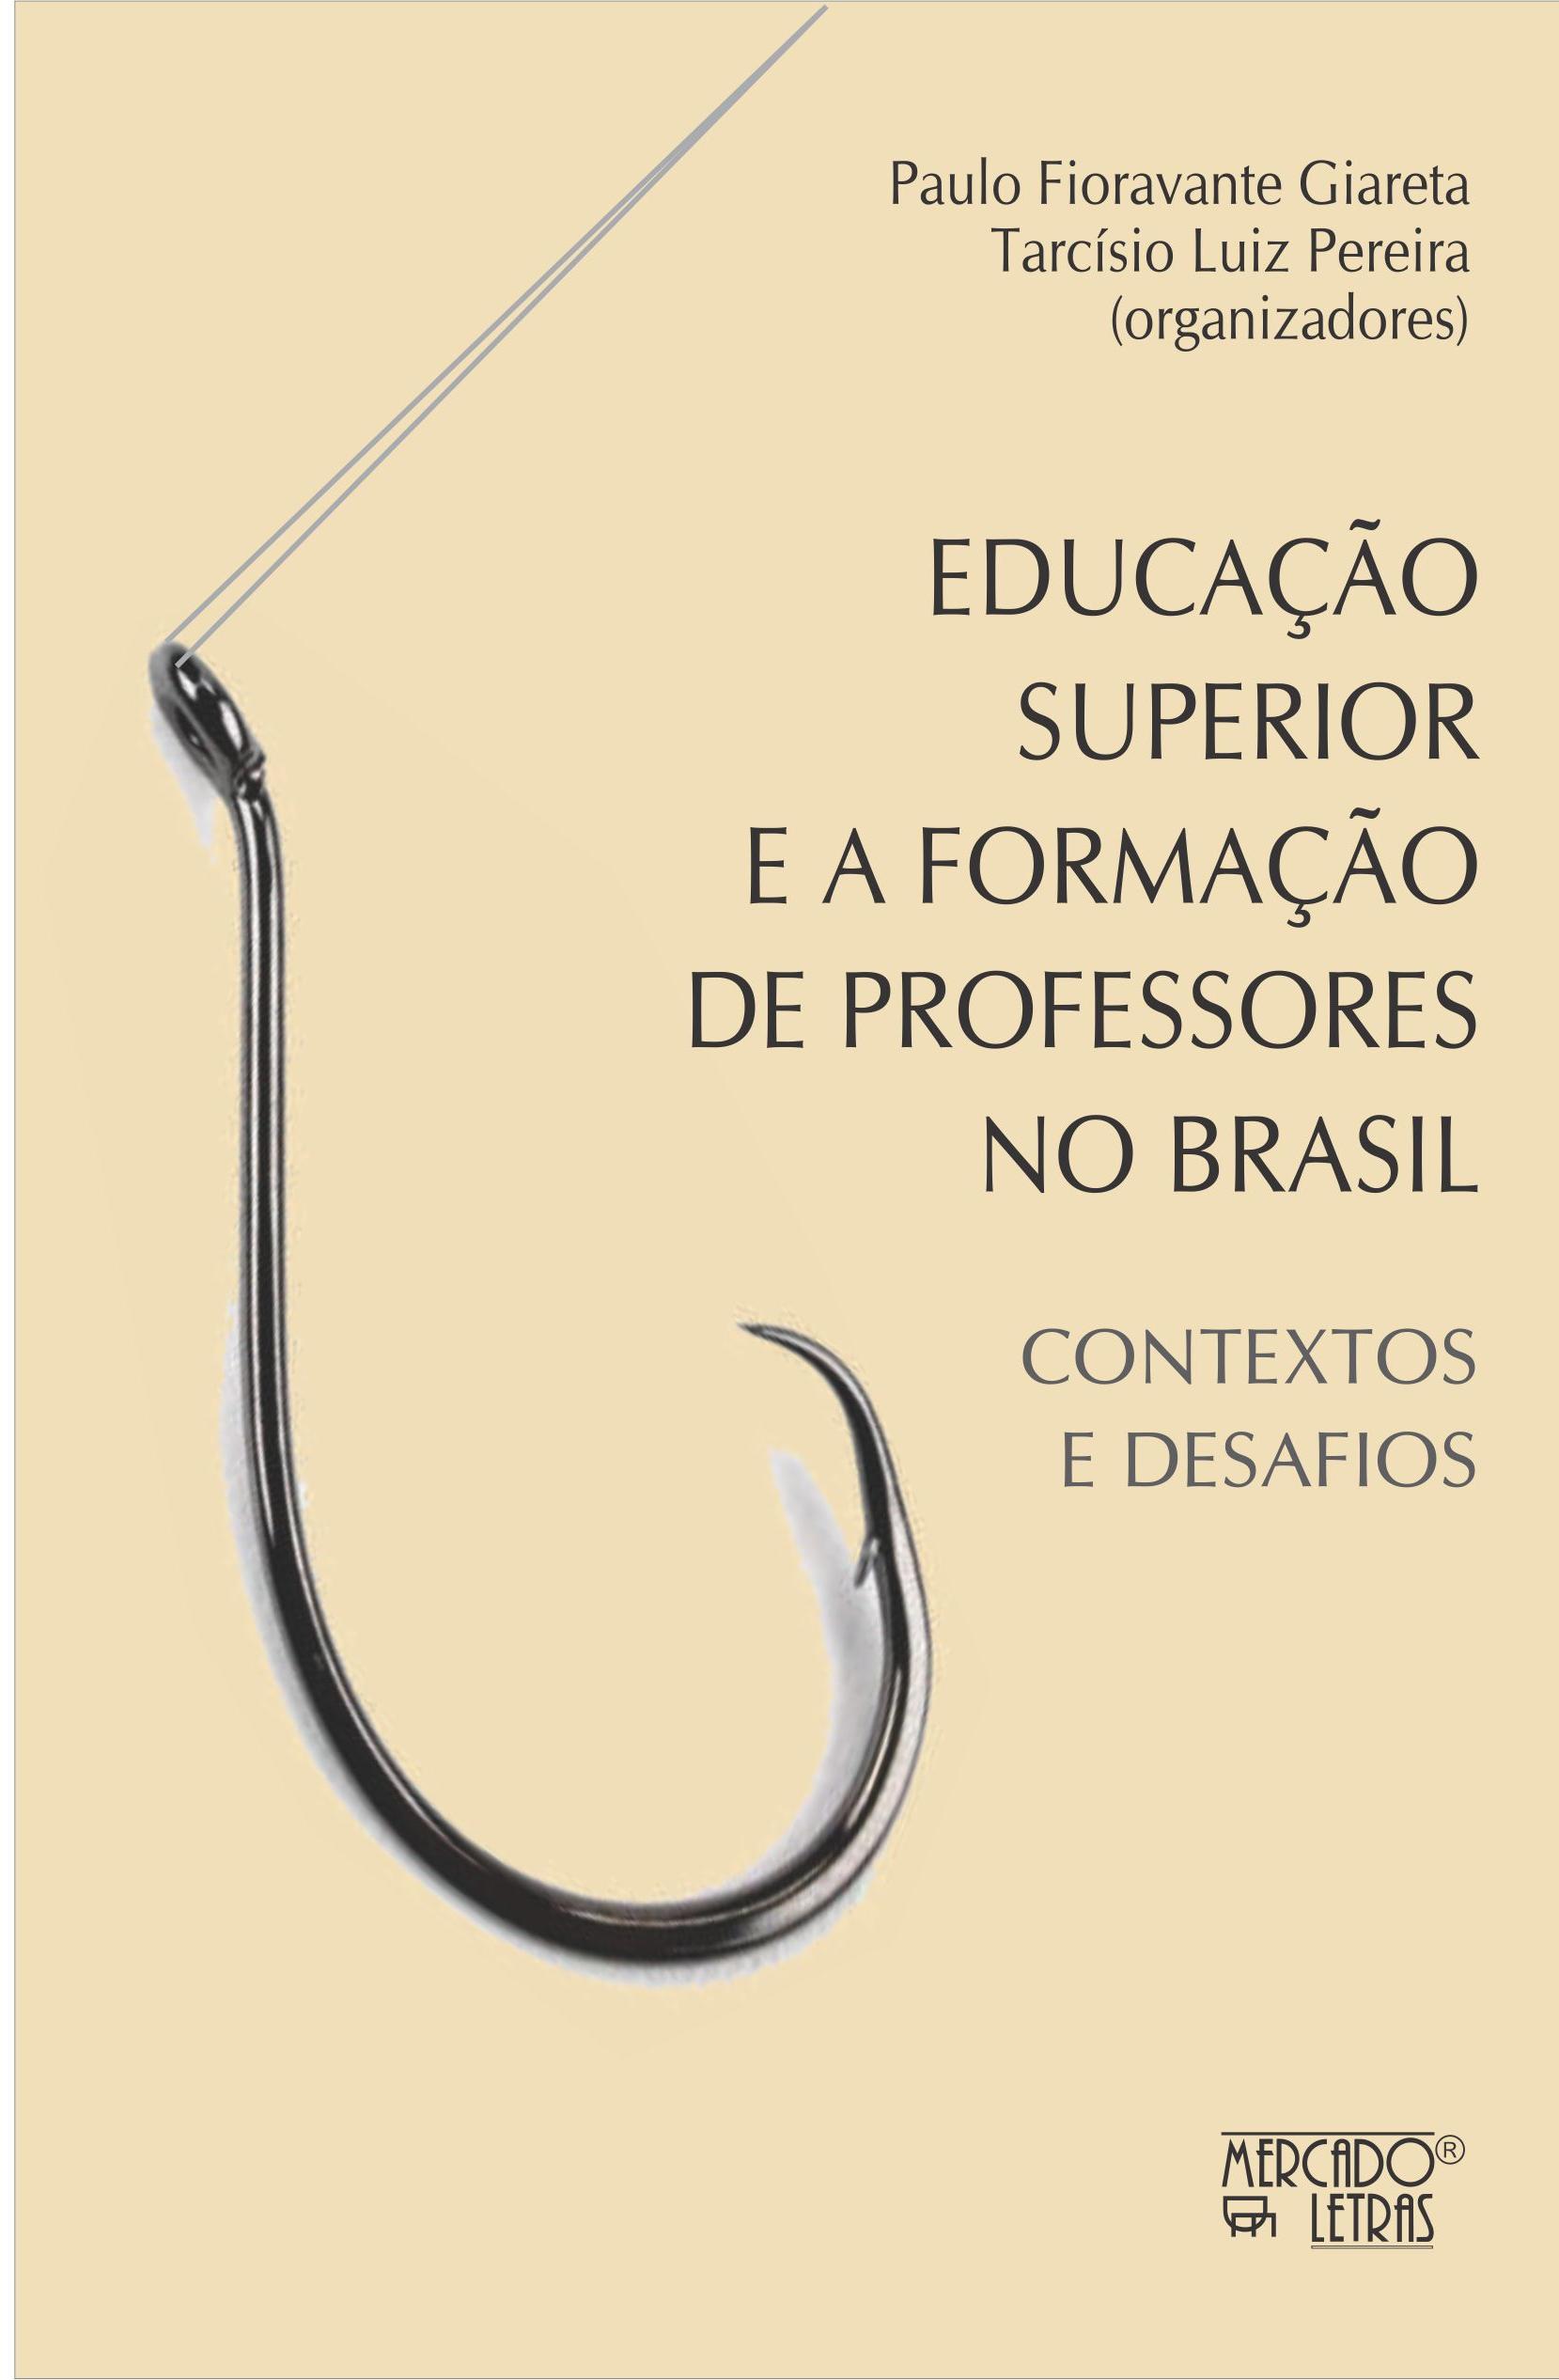 Educação superior e a formação de professores no Brasil. Contextos e desafios, livro de Paulo Fioravante Giareta, Tarcísio Luiz Pereira